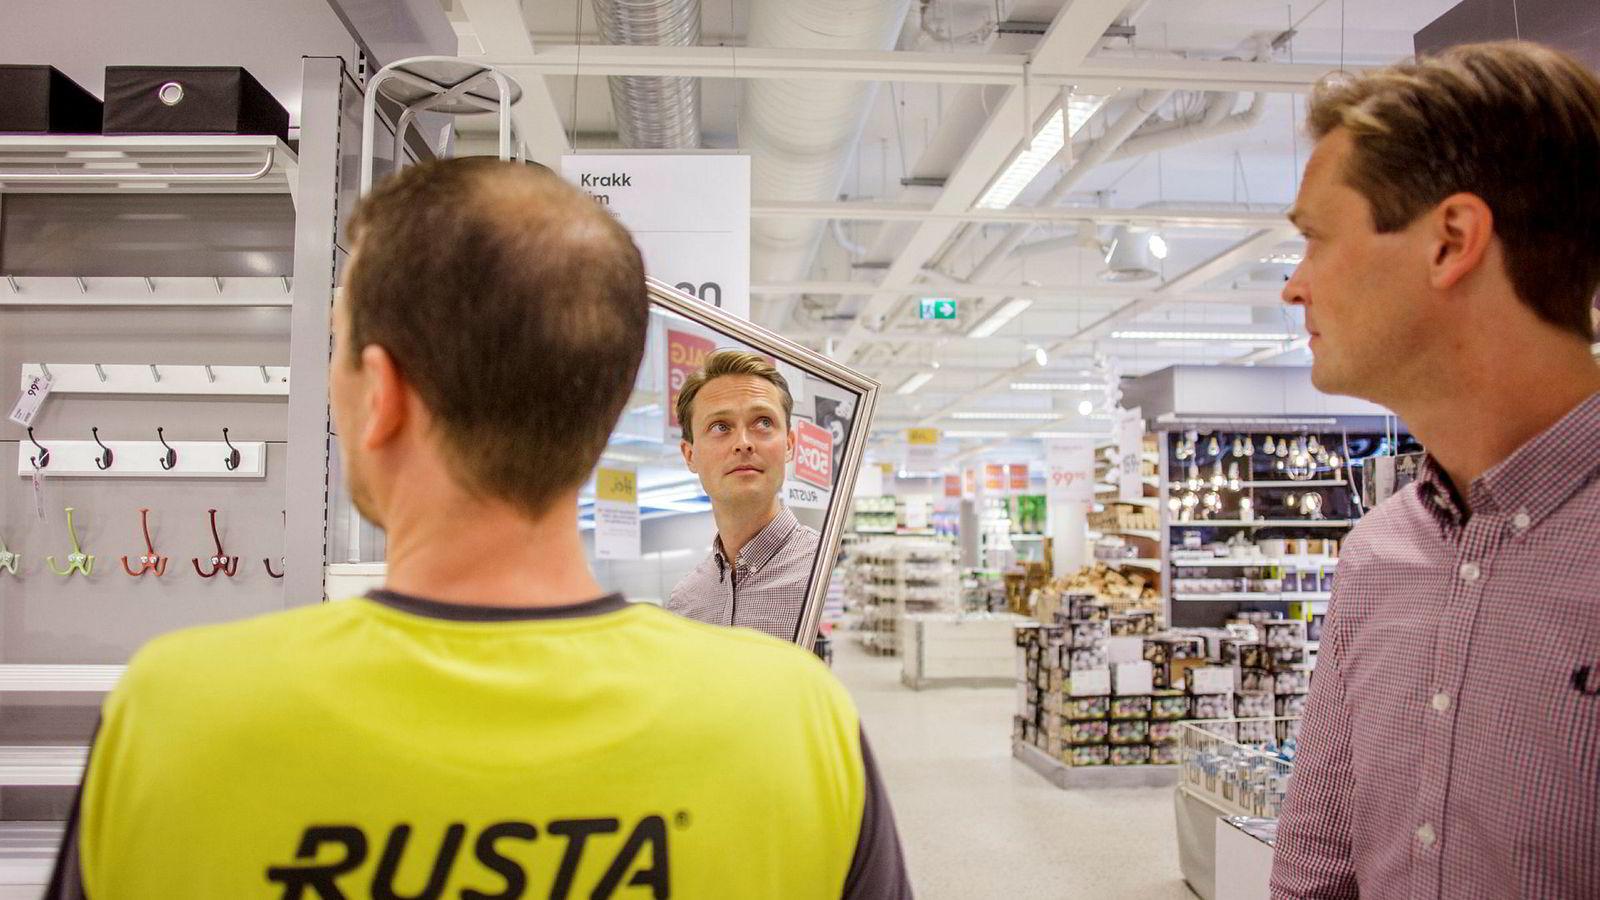 Norgessjef Erlend Kramer sikter mot milliarden i inneværende regnskapsperiode. Her sammen med Espen Frømyr i Rusta.